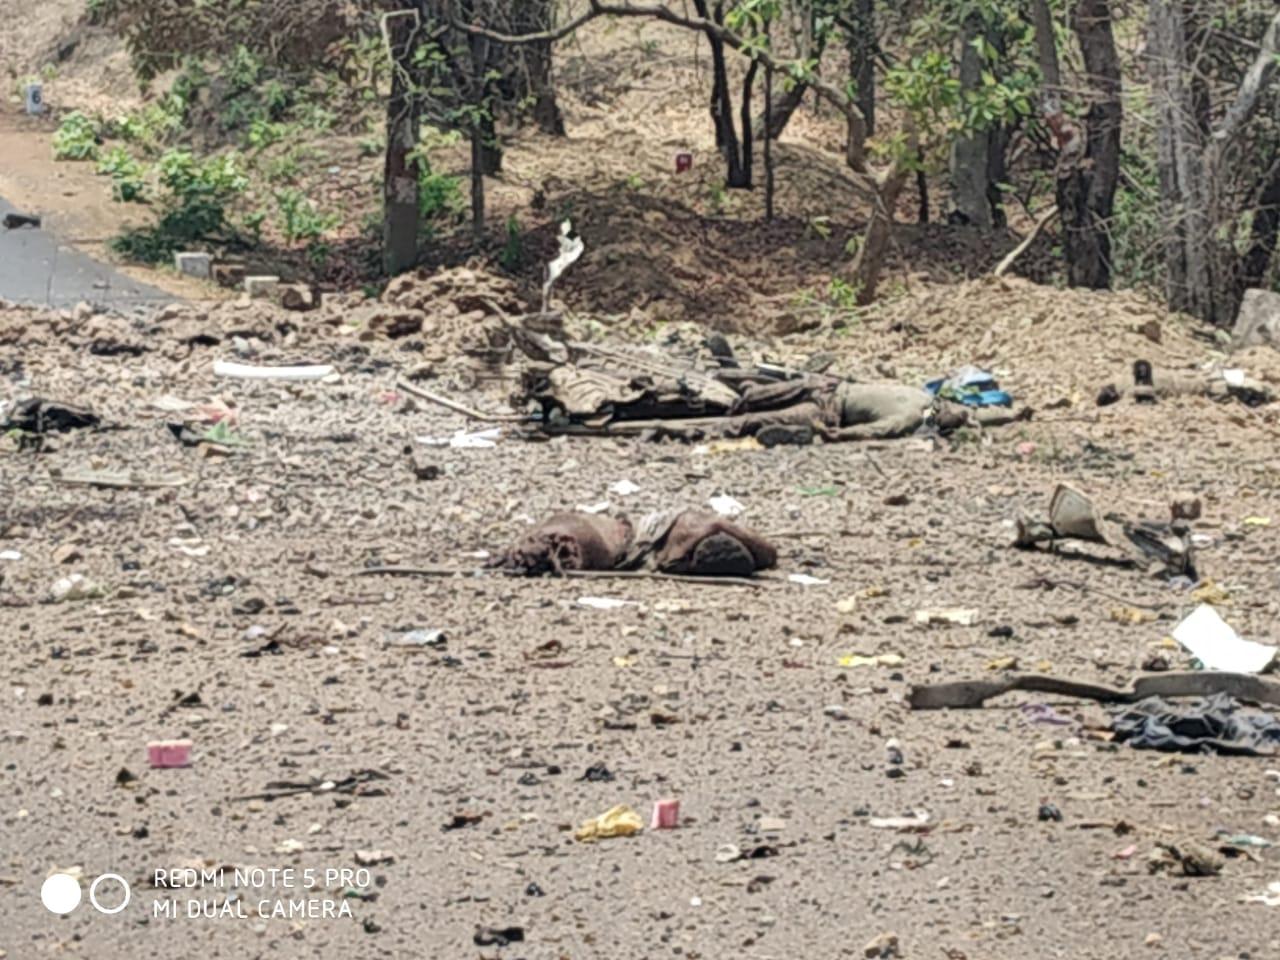 गडचिरोली हल्ला: जवानांचे बलिदान व्यर्थ जाणार नाही- PM मोदी